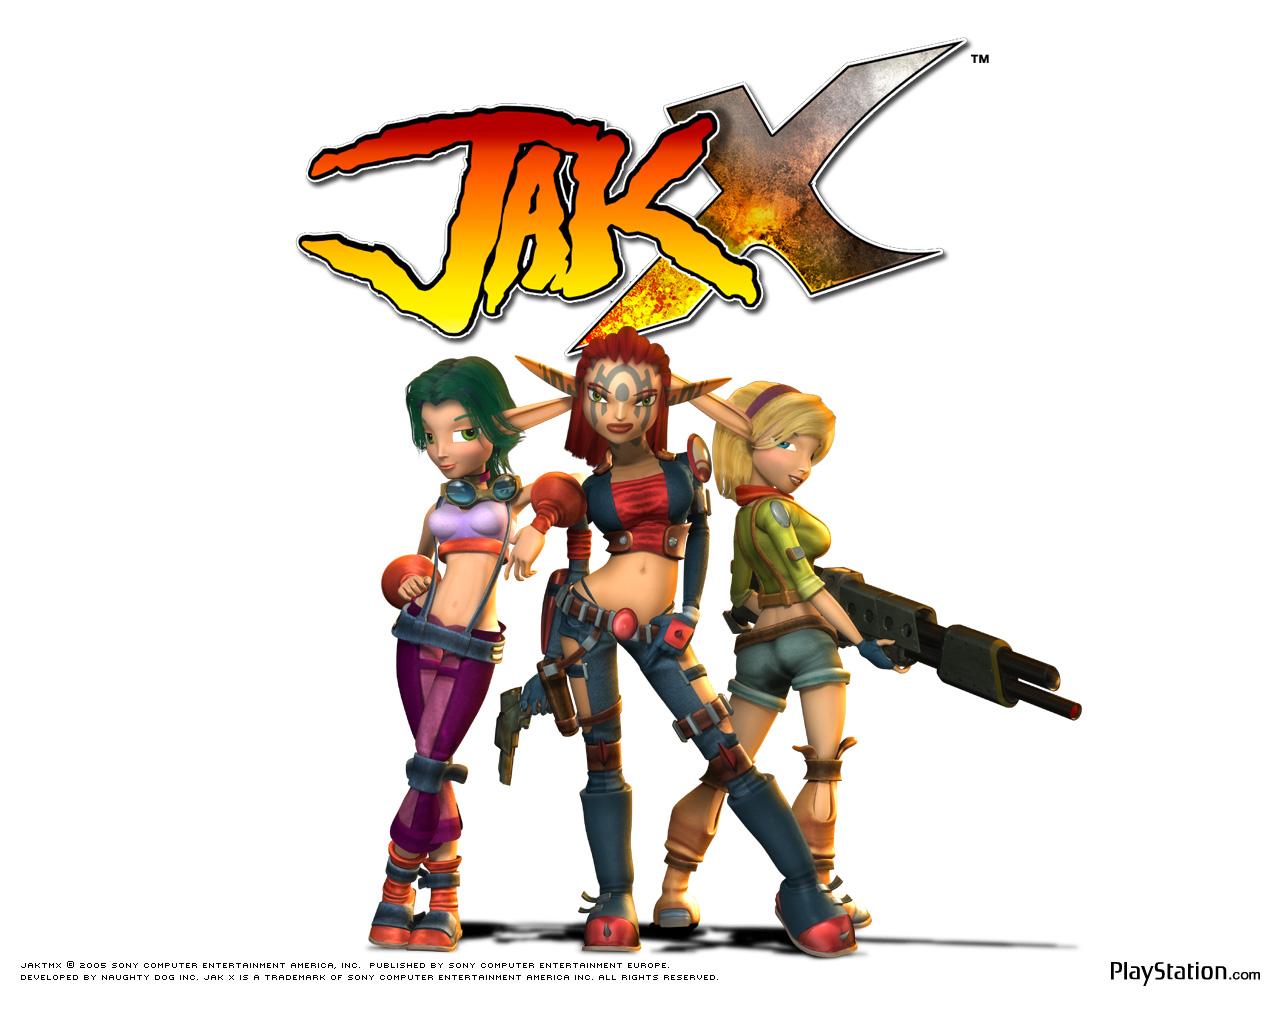 Fond d'écran8 de Jak X : Combat Racing - galerie